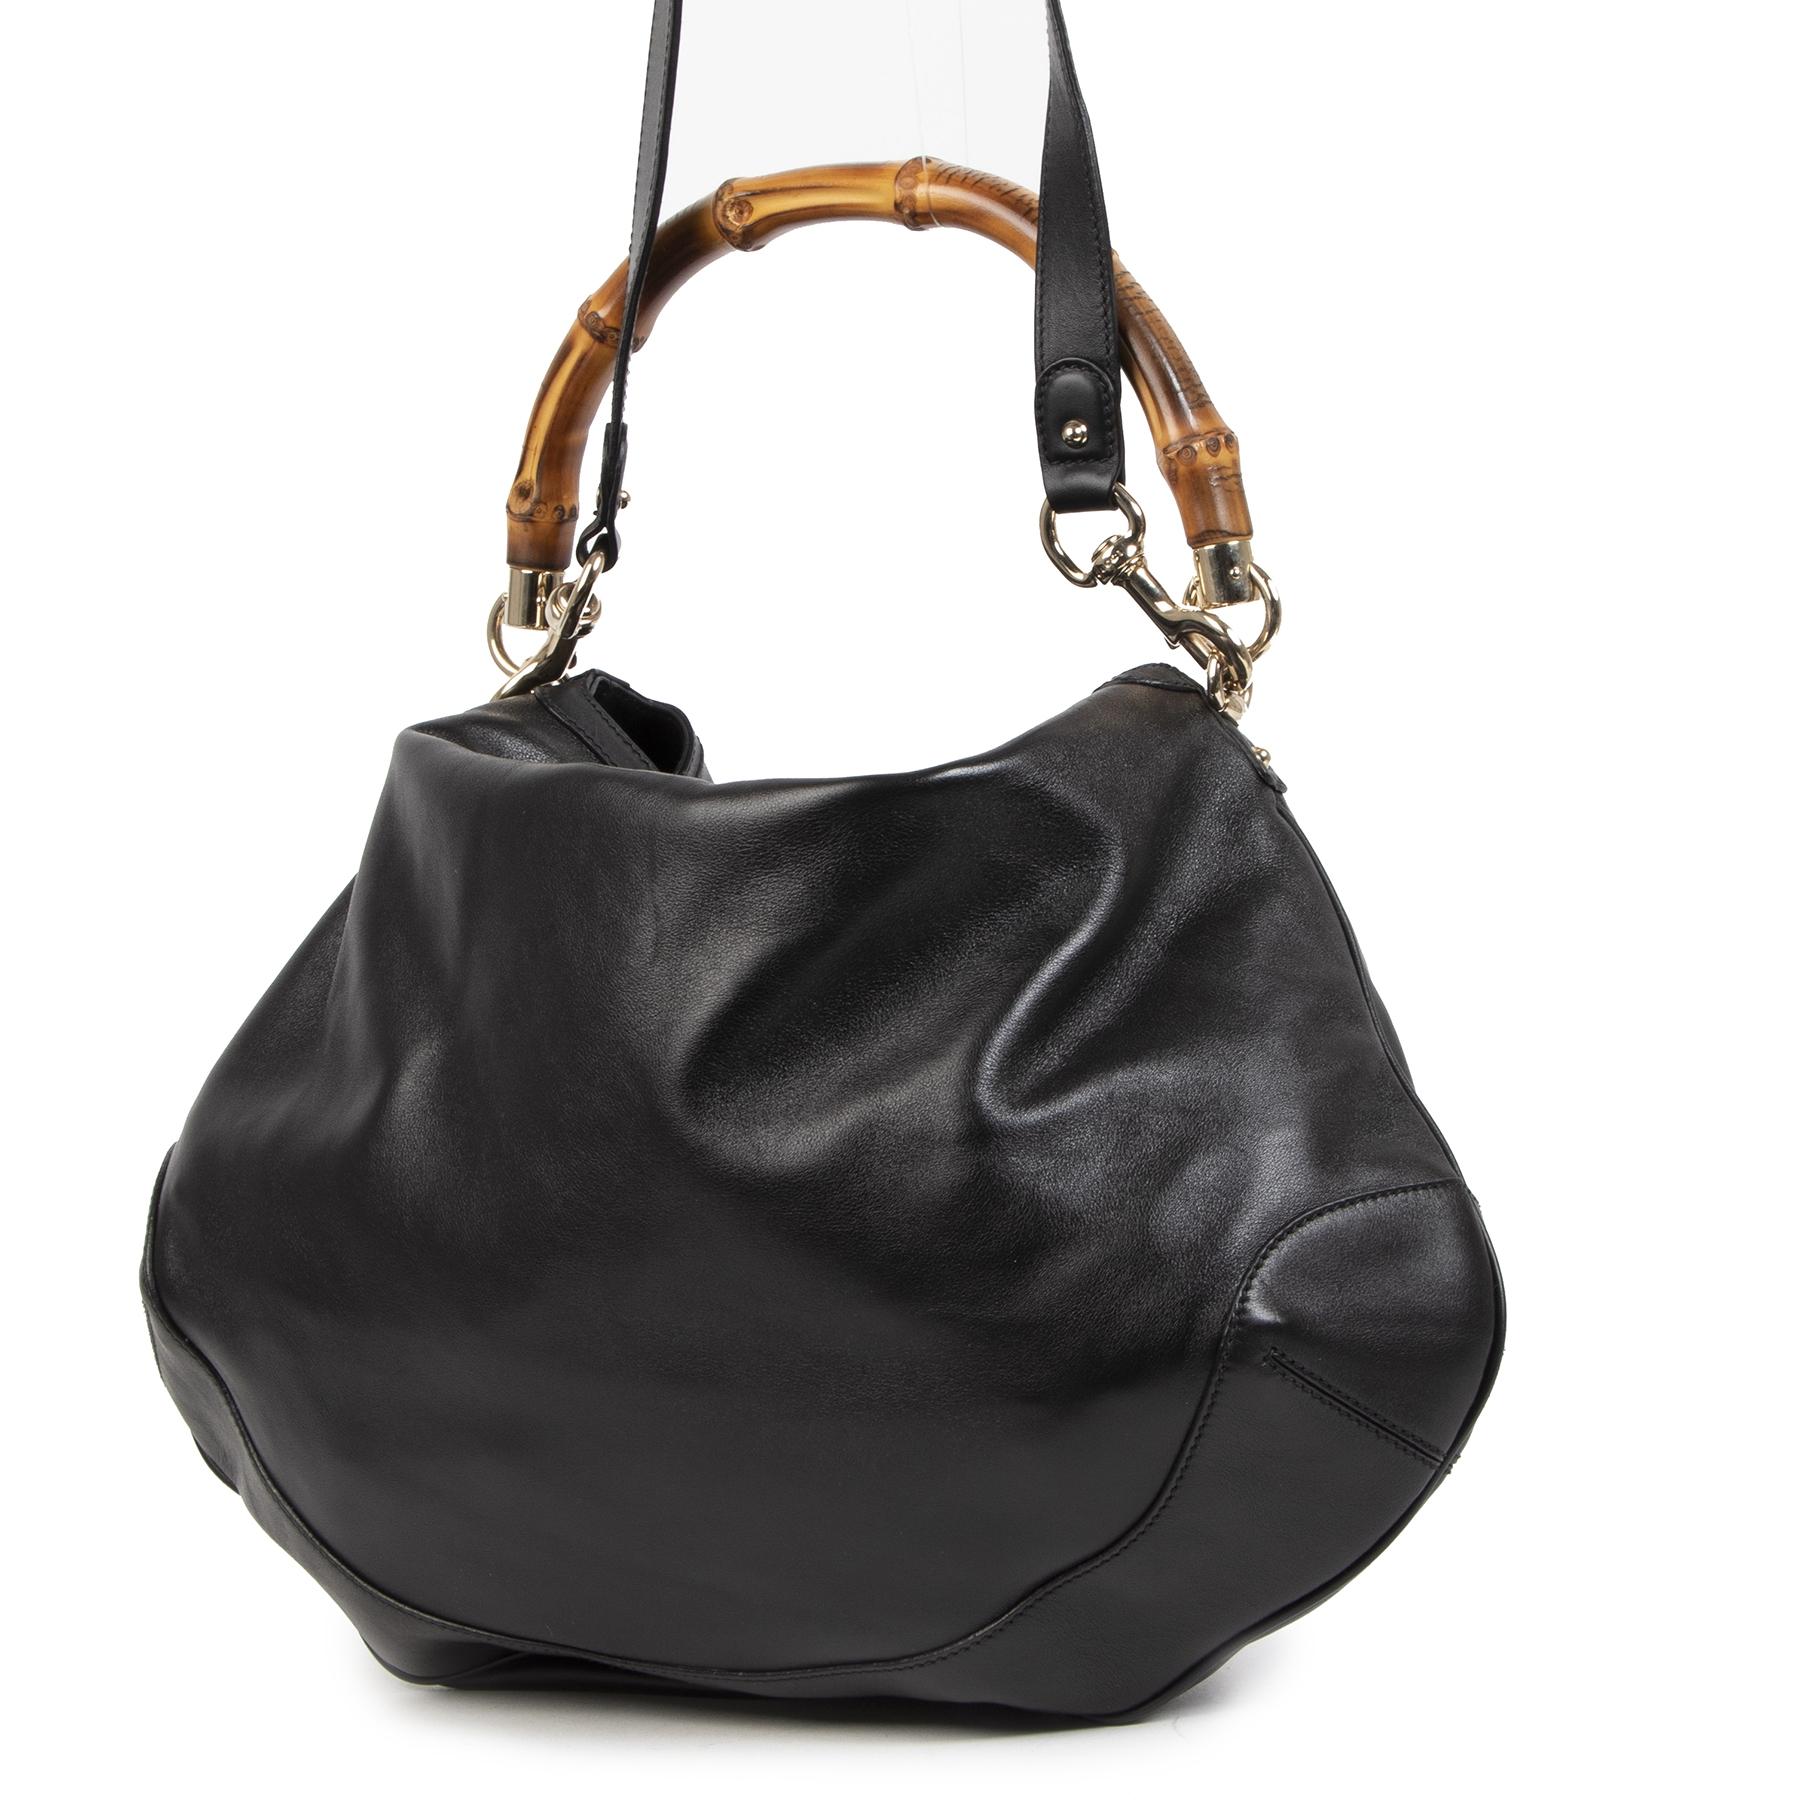 Authentieke Tweedehands Gucci Black Leather Diana Bamboo Handle Bag juiste prijs veilig online shoppen luxe merken webshop winkelen Antwerpen België mode fashion